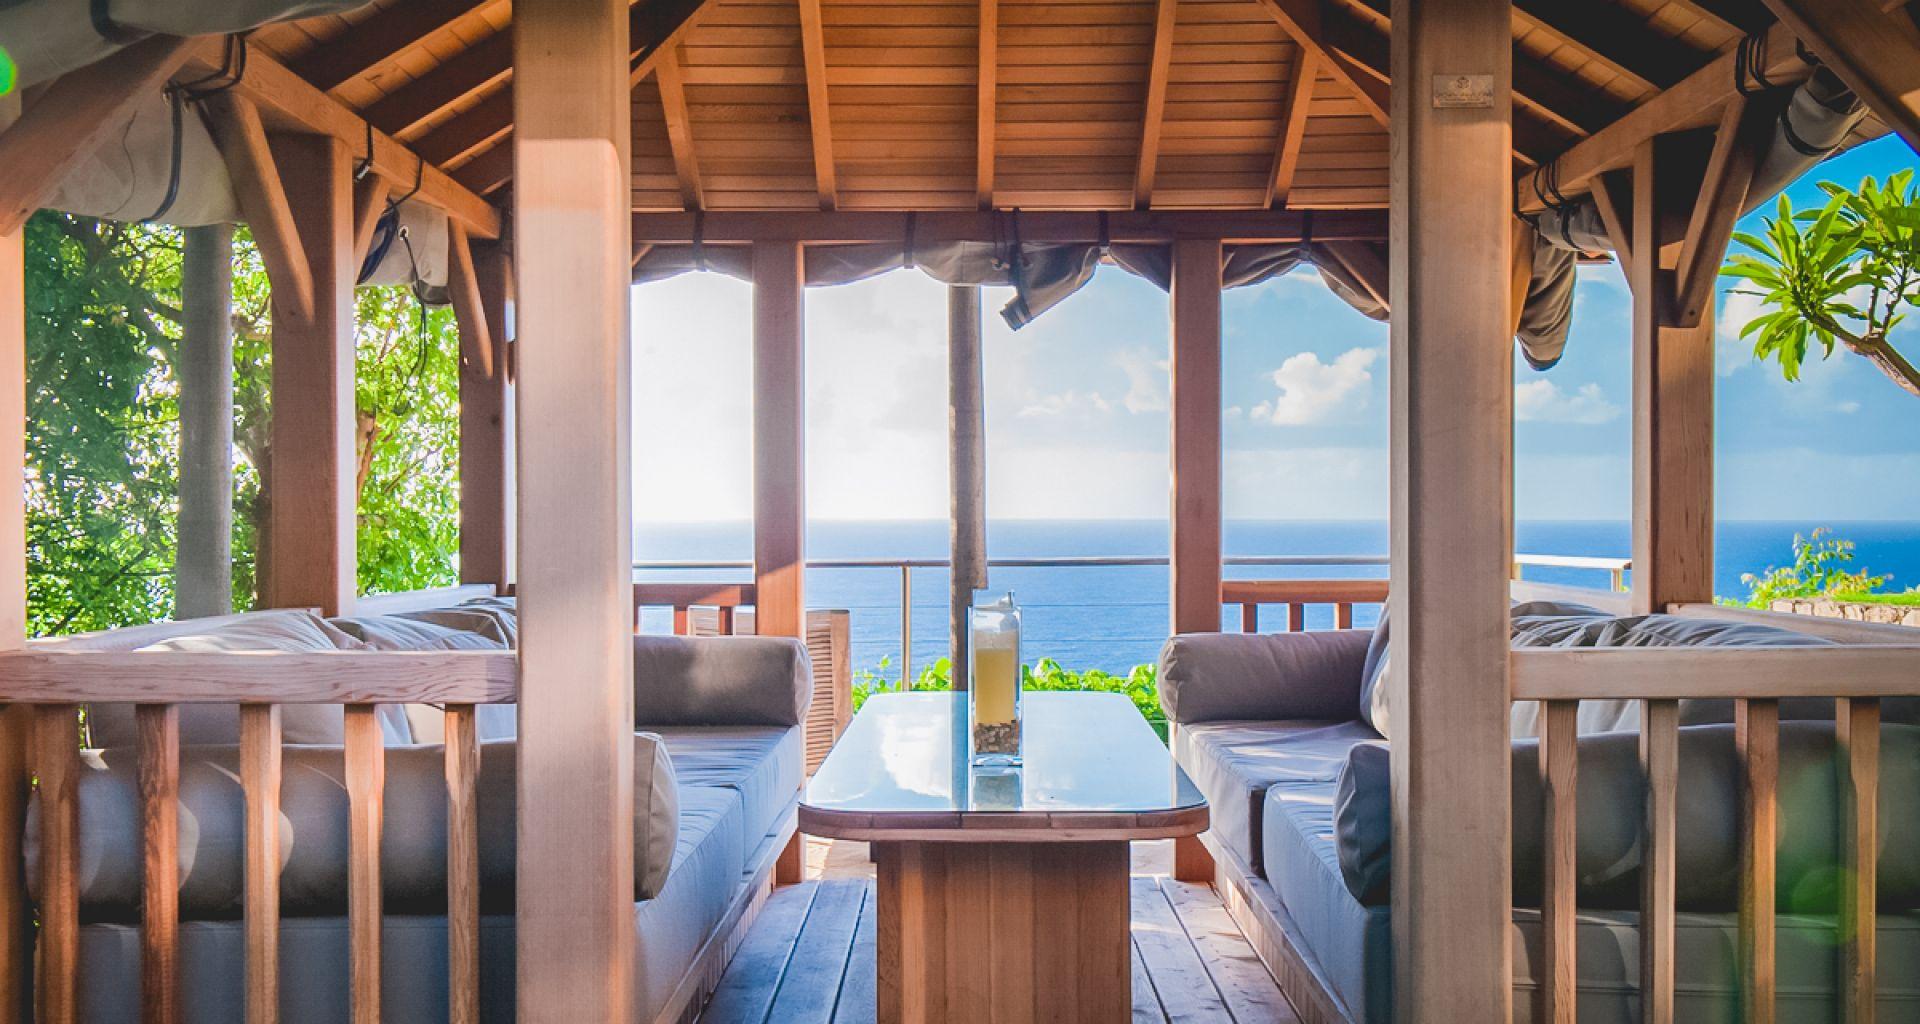 Villa Gouverneur View, St-Barts, Caribbean